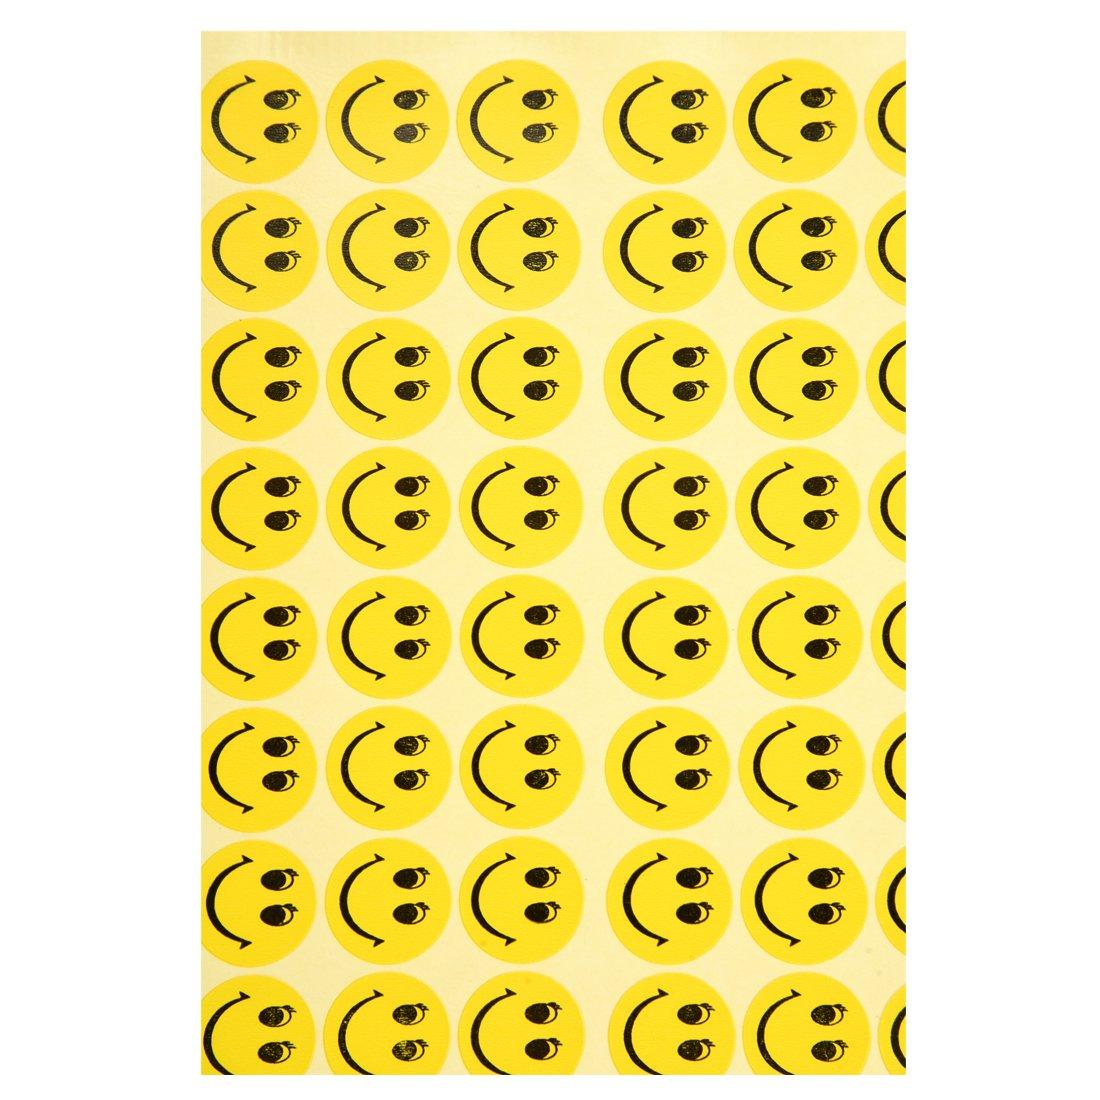 TOOGOO R 324 pz stickers con viso sorridente premio bambino per insegnamento e feste